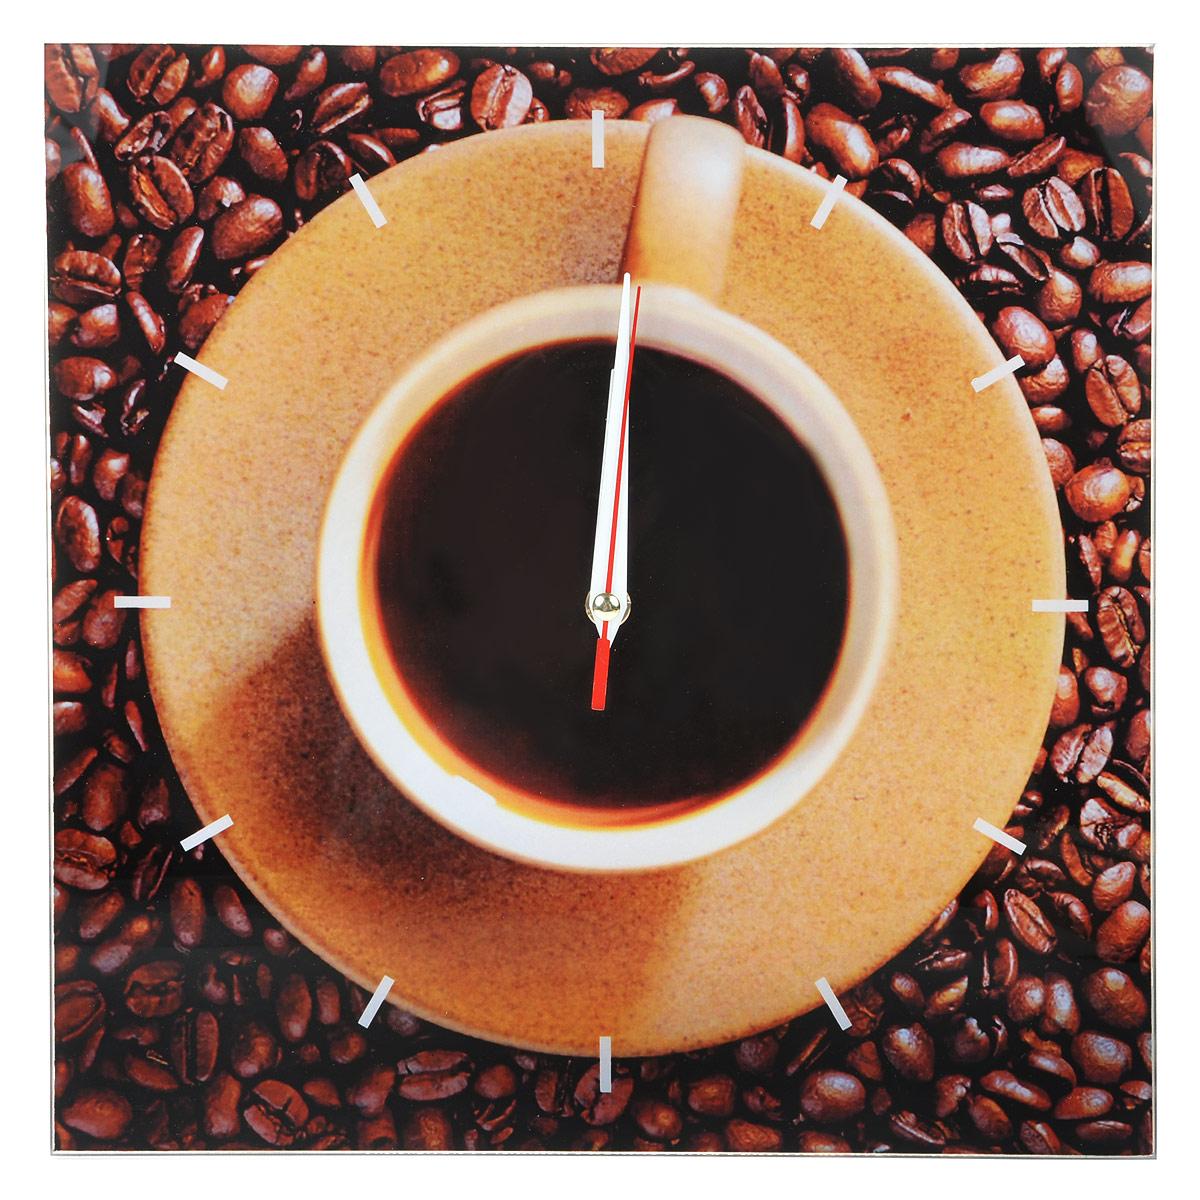 Часы настенные Кофе, стеклянные, цвет: коричневый. 9529995299Оригинальные настенные часы Кофе квадратной формы выполнены из стекла и оформлены изображением кофейных зерен, чашки кофе и метками. Часы имеют три стрелки - часовую, минутную и секундную. Циферблат часов не защищен. Необычное дизайнерское решение и качество исполнения придутся по вкусу каждому. Оформите свой дом таким интерьерным аксессуаром или преподнесите его в качестве презента друзьям, и они оценят ваш оригинальный вкус и неординарность подарка.